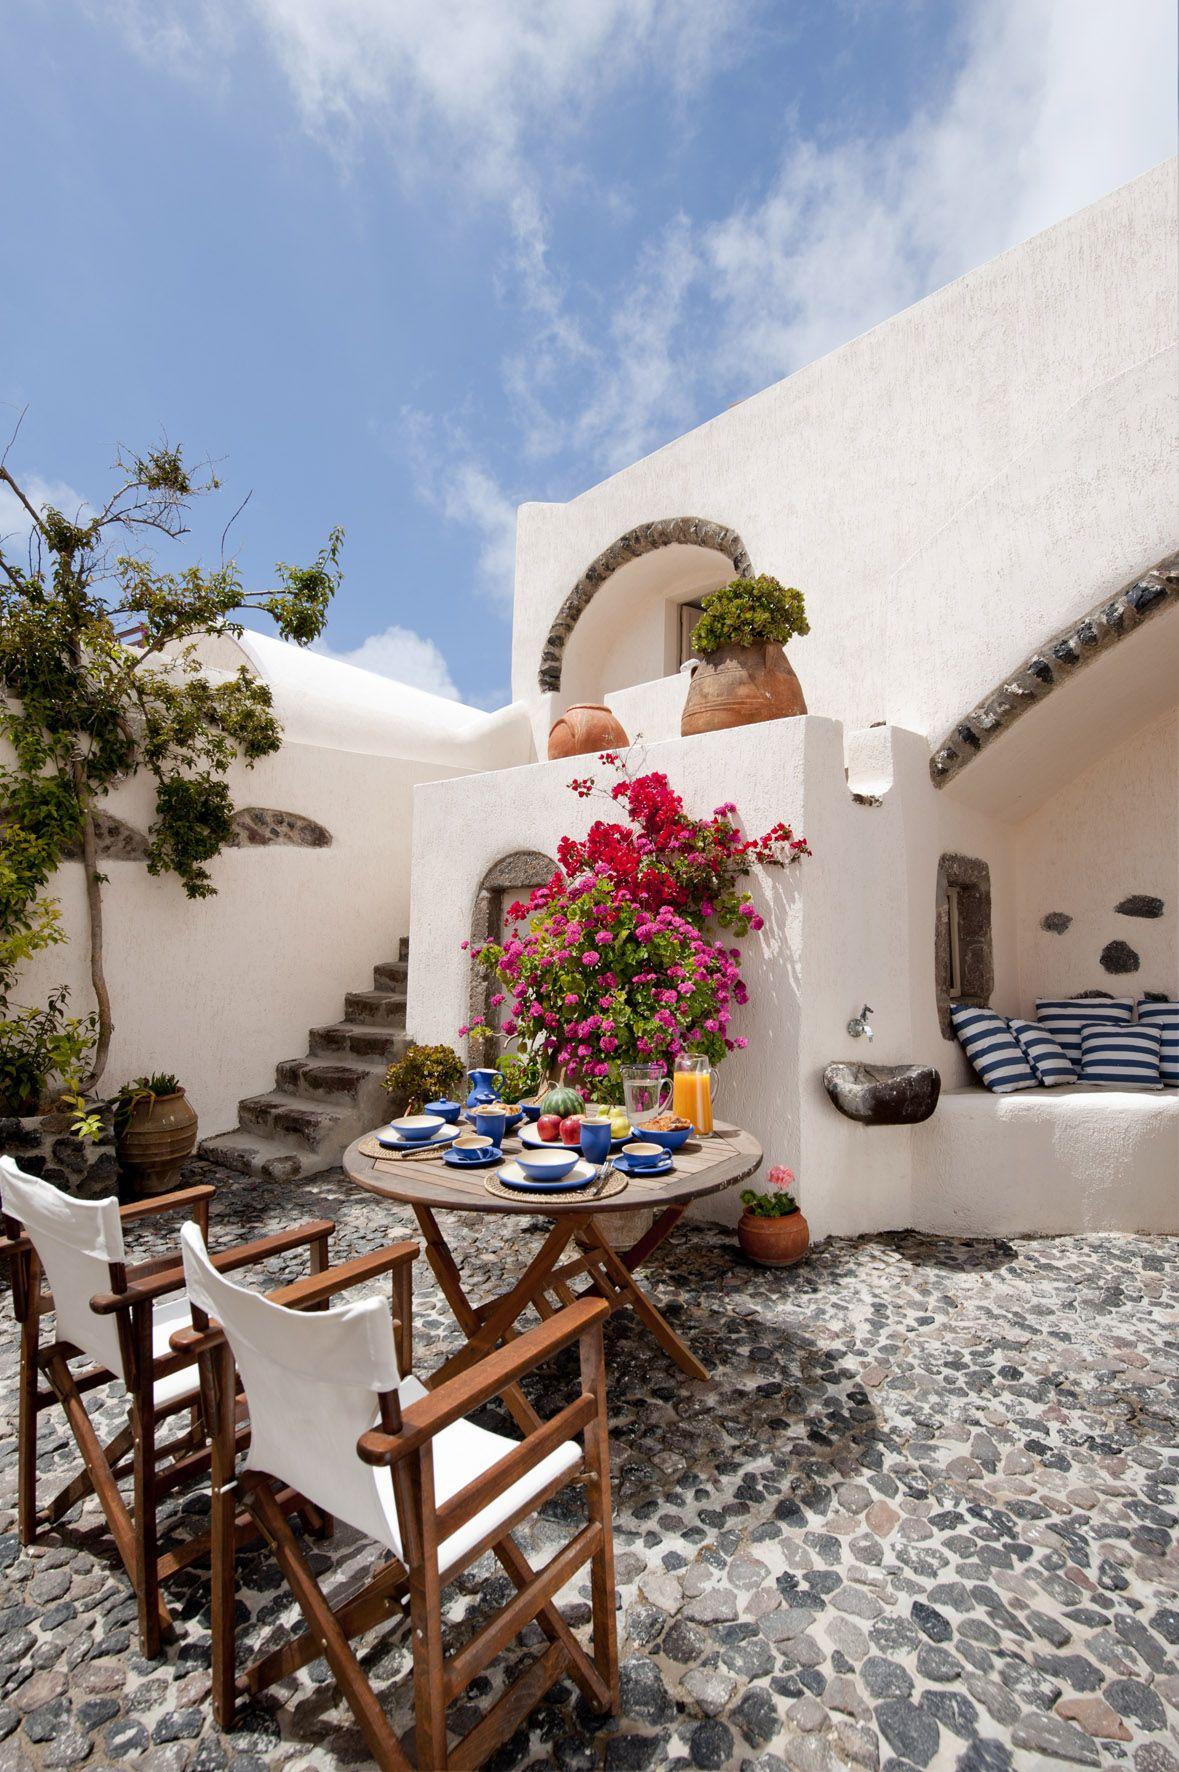 Patios y terrazas de estilo mediterr neo patios for Patios y terrazas